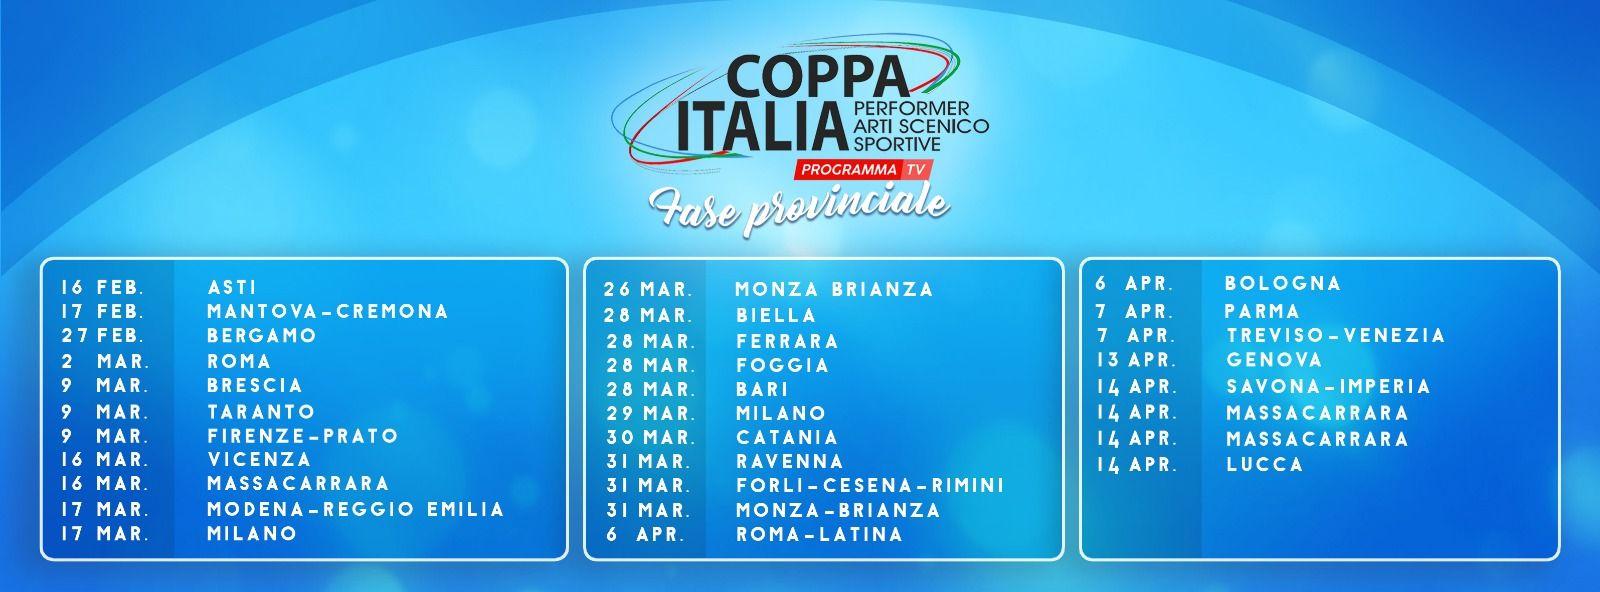 Coppa Italia Calendario.Coppa Italia Performer Arti Scenico Sportive Metodo Pass Csain